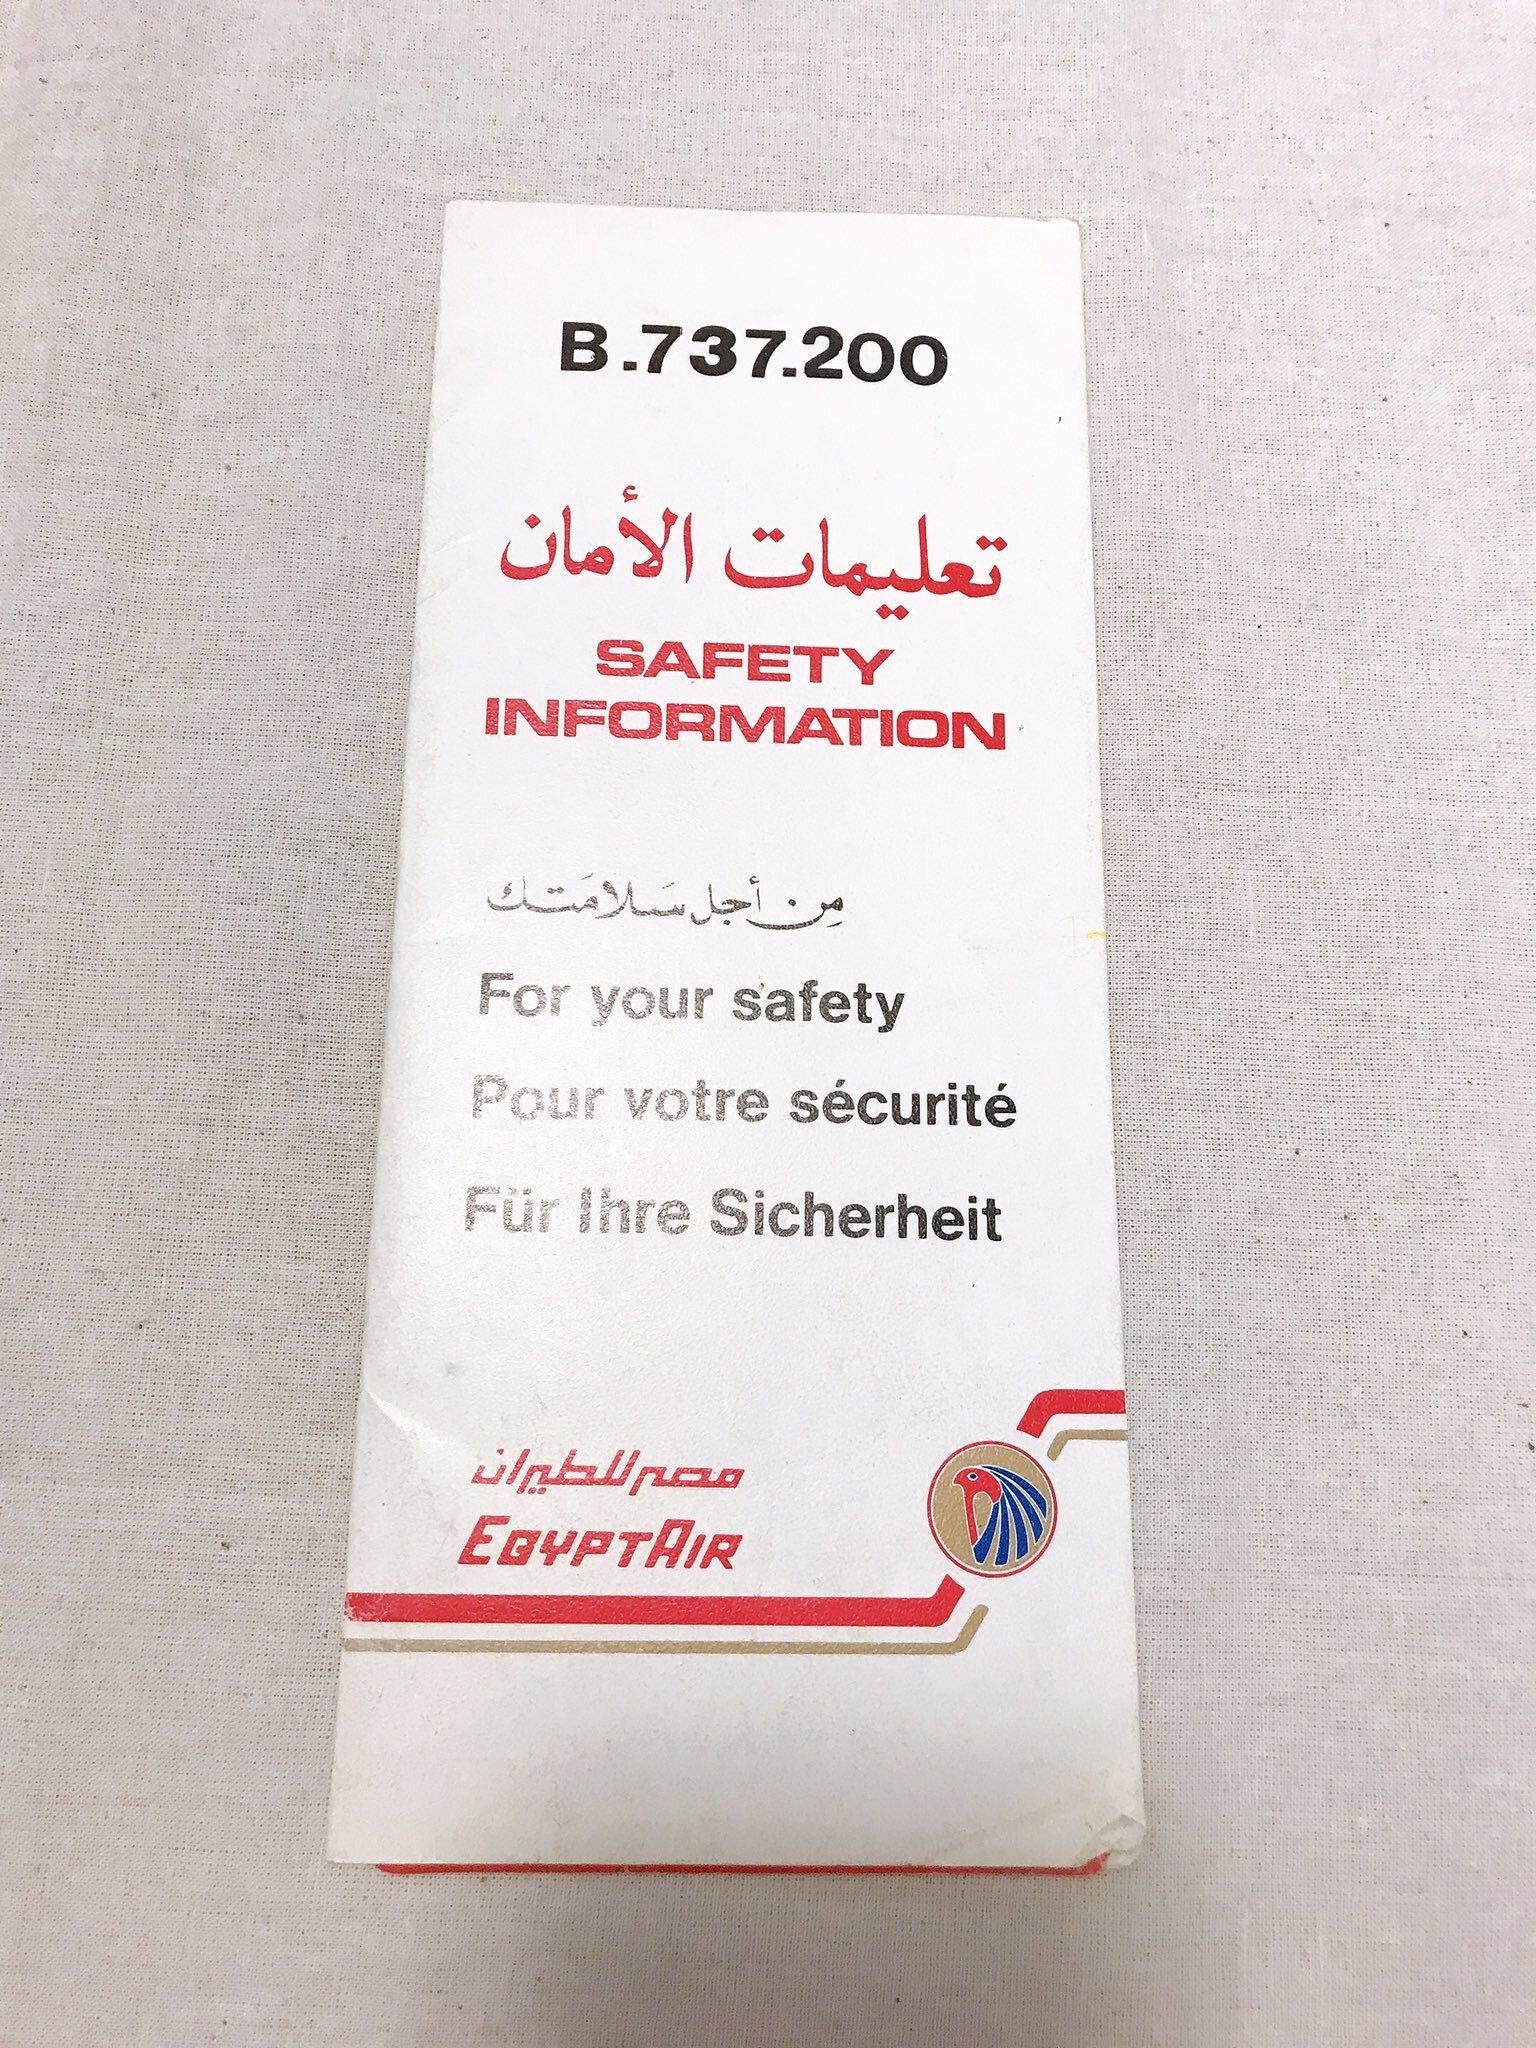 中古品安全のしおり/B.737.200 エジプト航空